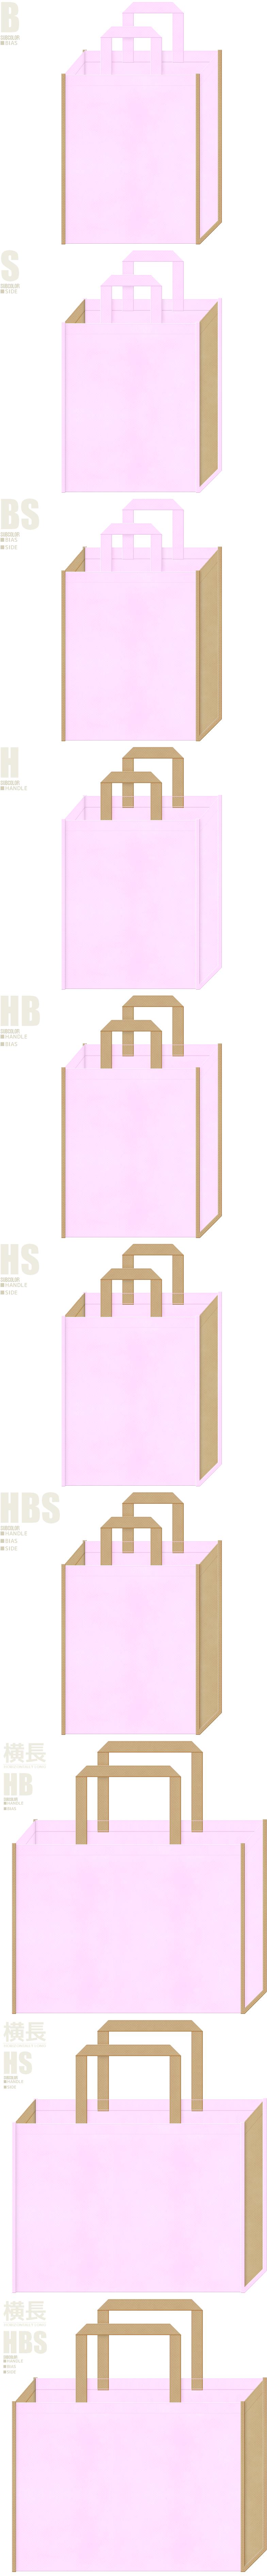 ペットショップ・ペットサロン・ペット用品・ペットフード・アニマルケア・ベアー・小鹿・ぬいぐるみ・手芸・ガーデン・ガーリーデザインにお奨めの不織布バッグデザイン:明るいピンク色とカーキ色の配色7パターン。